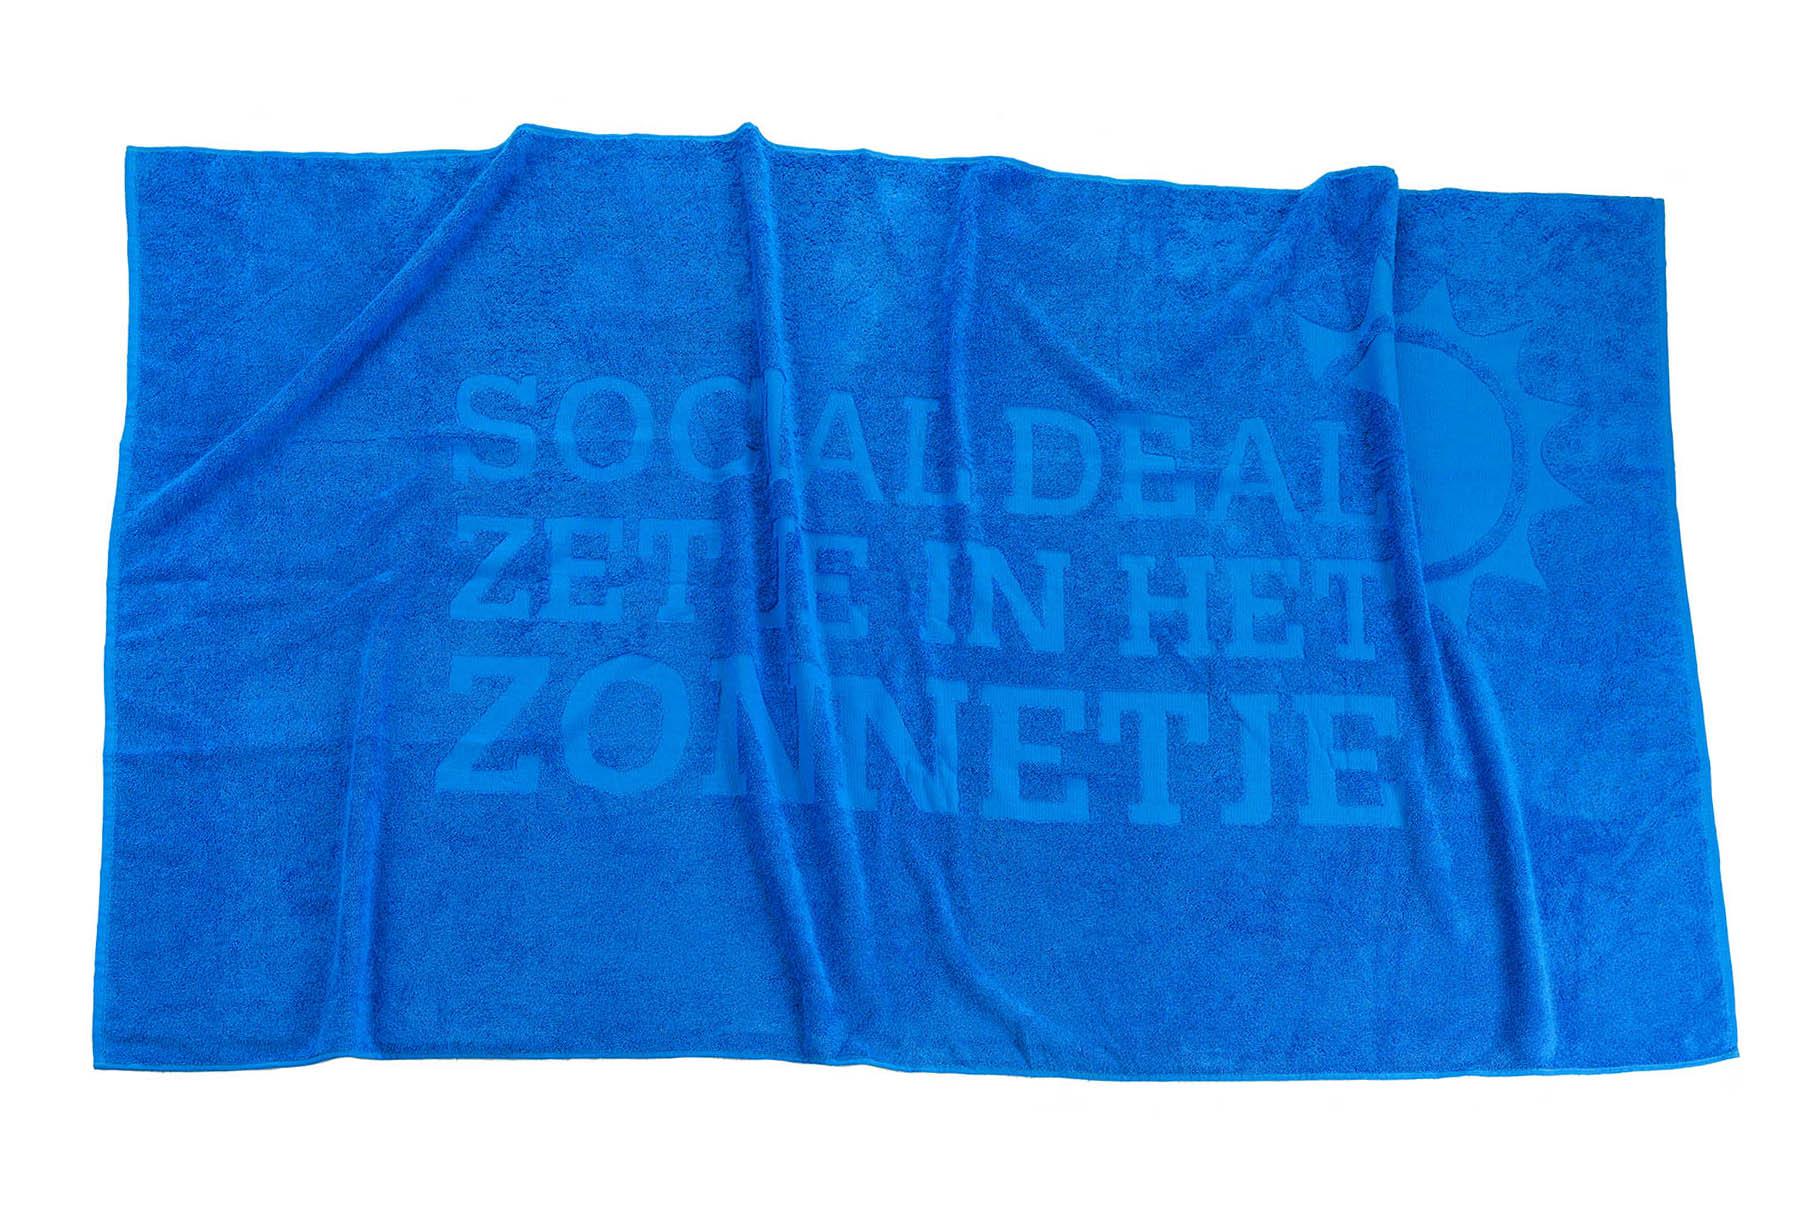 Relief strandlaken socialdeal crop